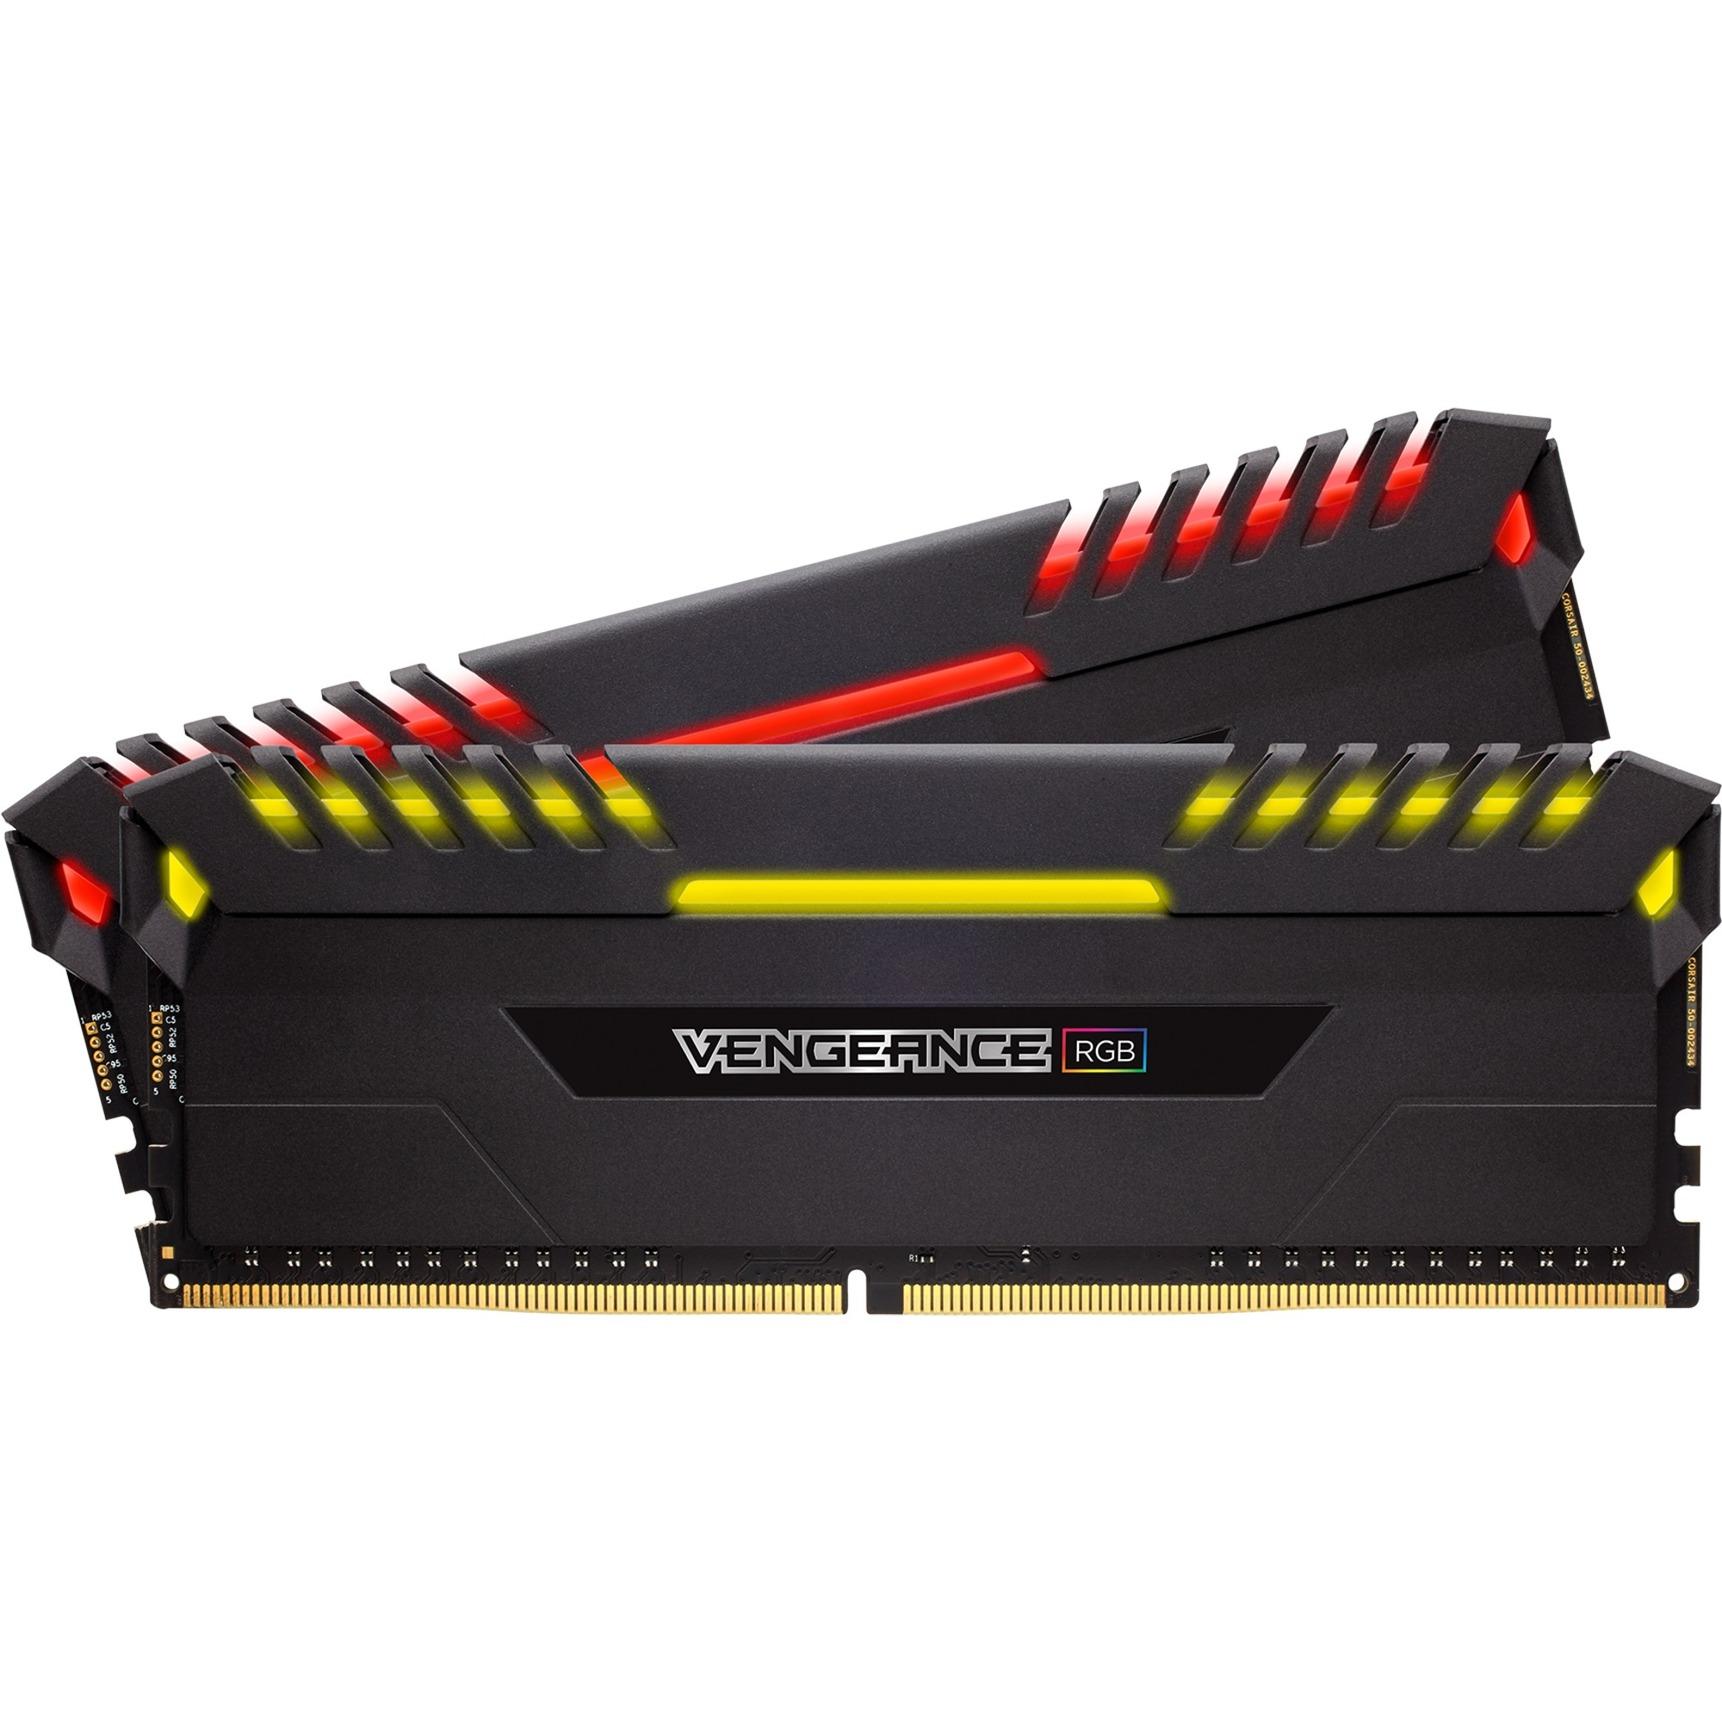 Vengeance 16 GB, DDR4, 4000 MHz 16Go DDR4 4000MHz module de mémoire